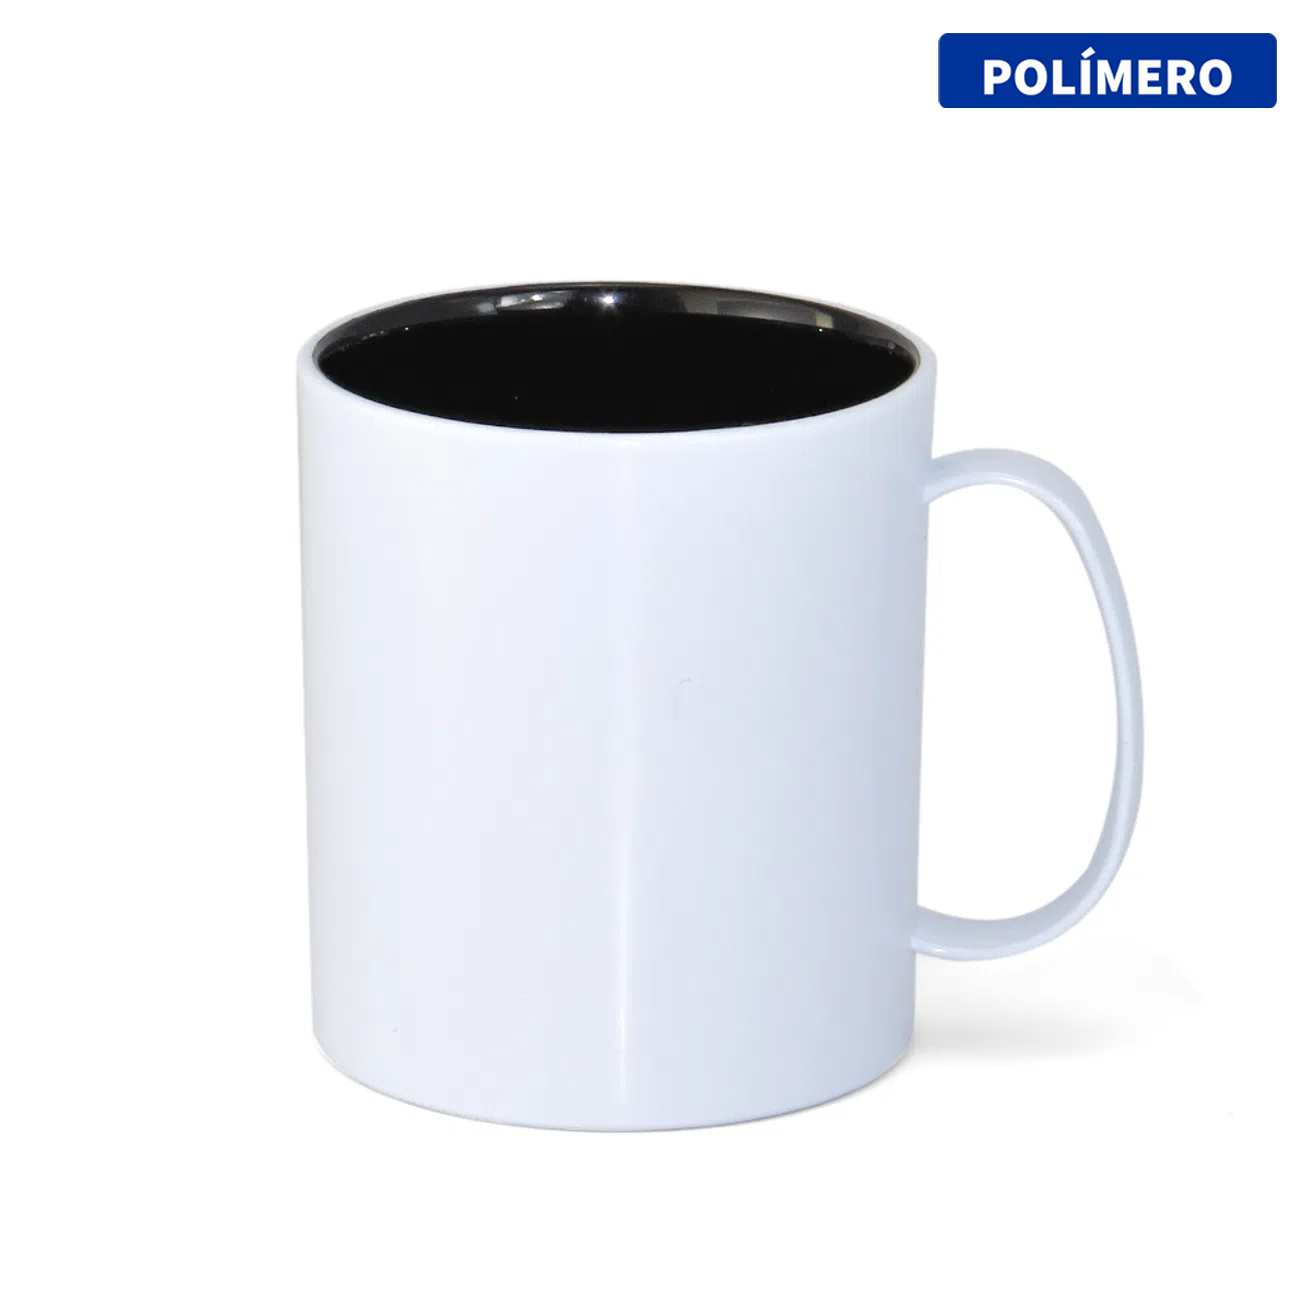 Caneca de Polímero Para Sublimação com Interior Preto - 325ml